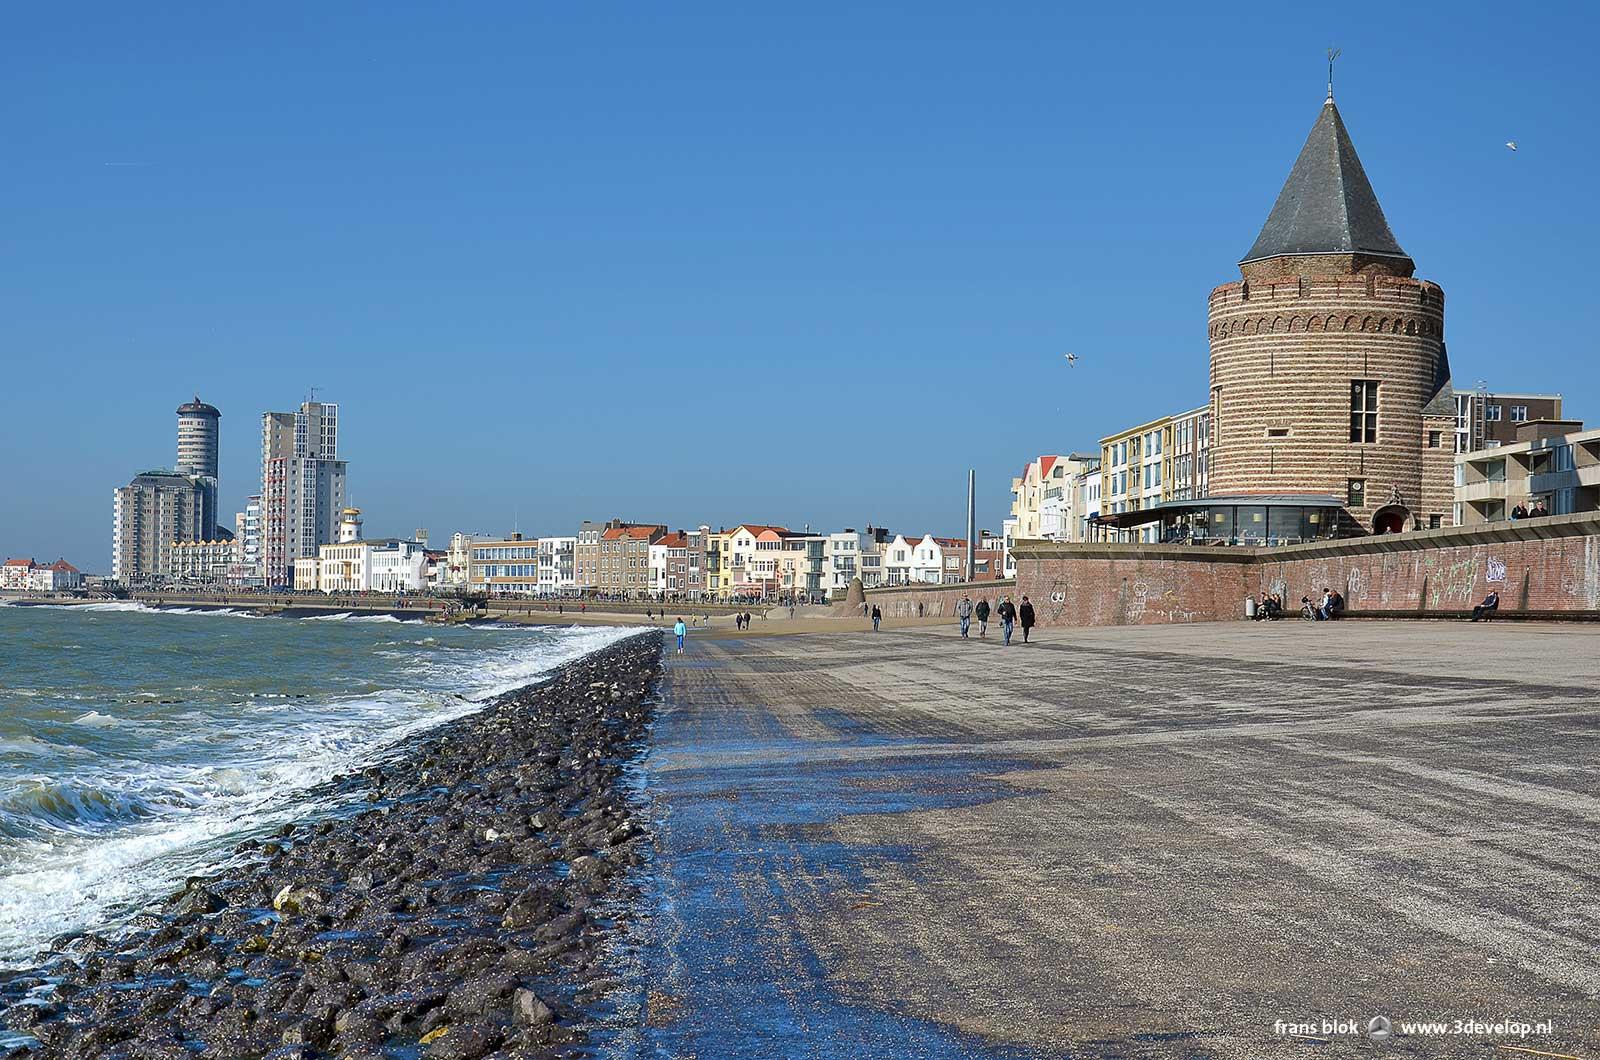 De zee, basaltblokken, een breed stuk asfalt, een bakstenen muur en de boulevard in Vlissingen